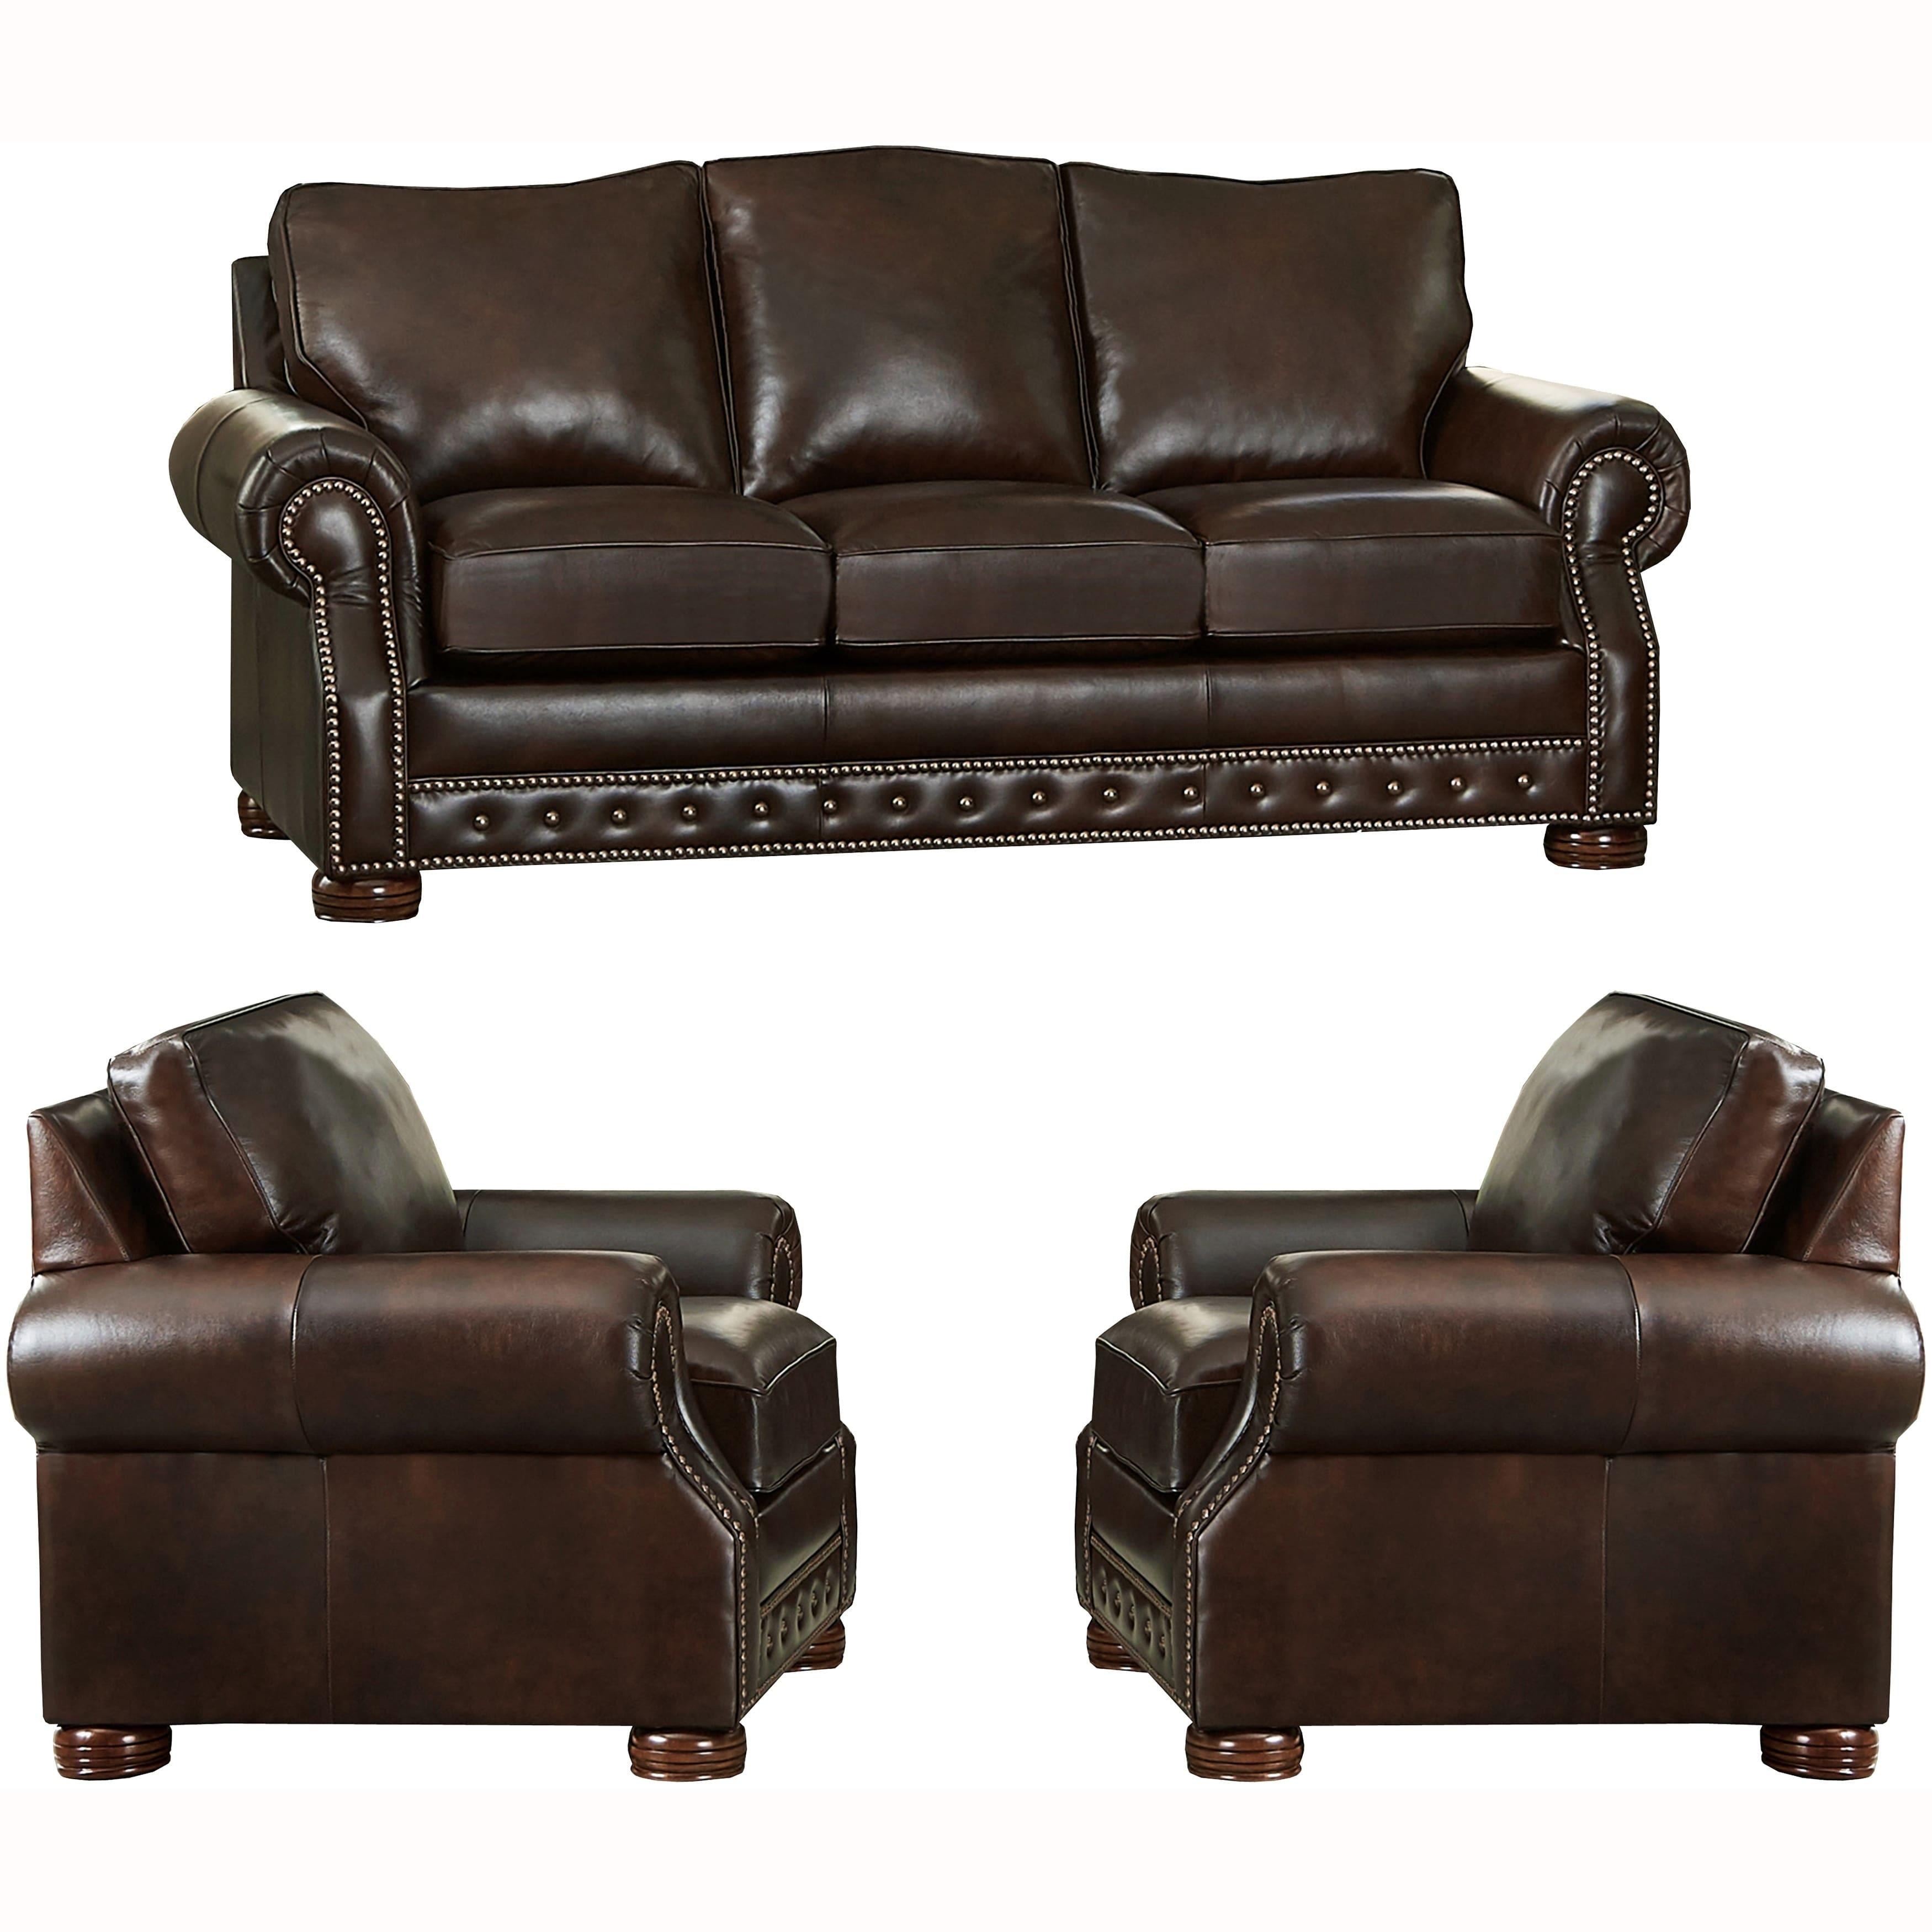 Buy Living Room Furniture Sets Online At Overstock